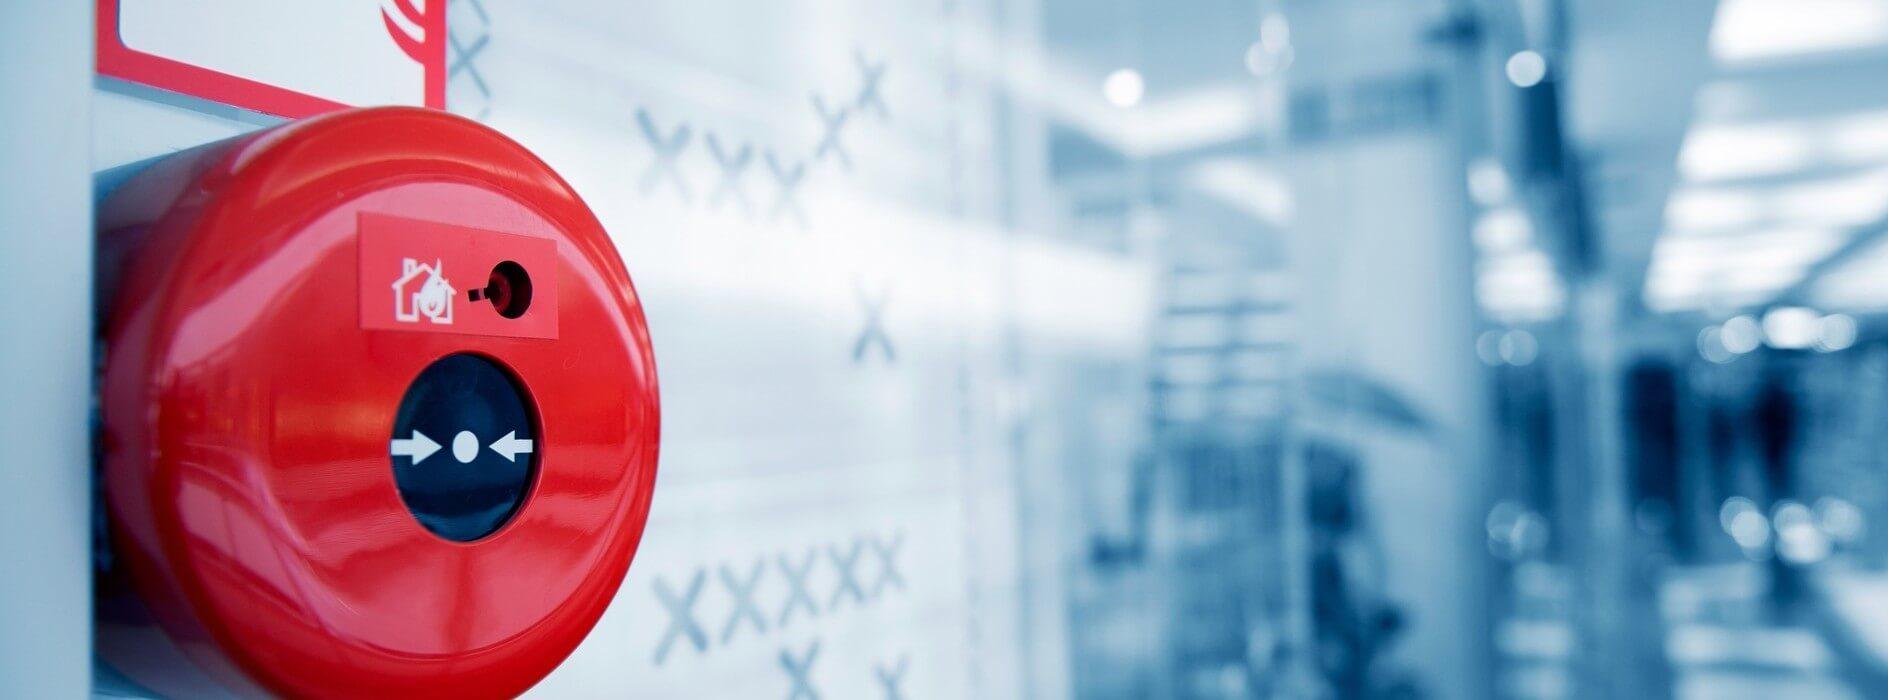 reglementation-securite-incendie